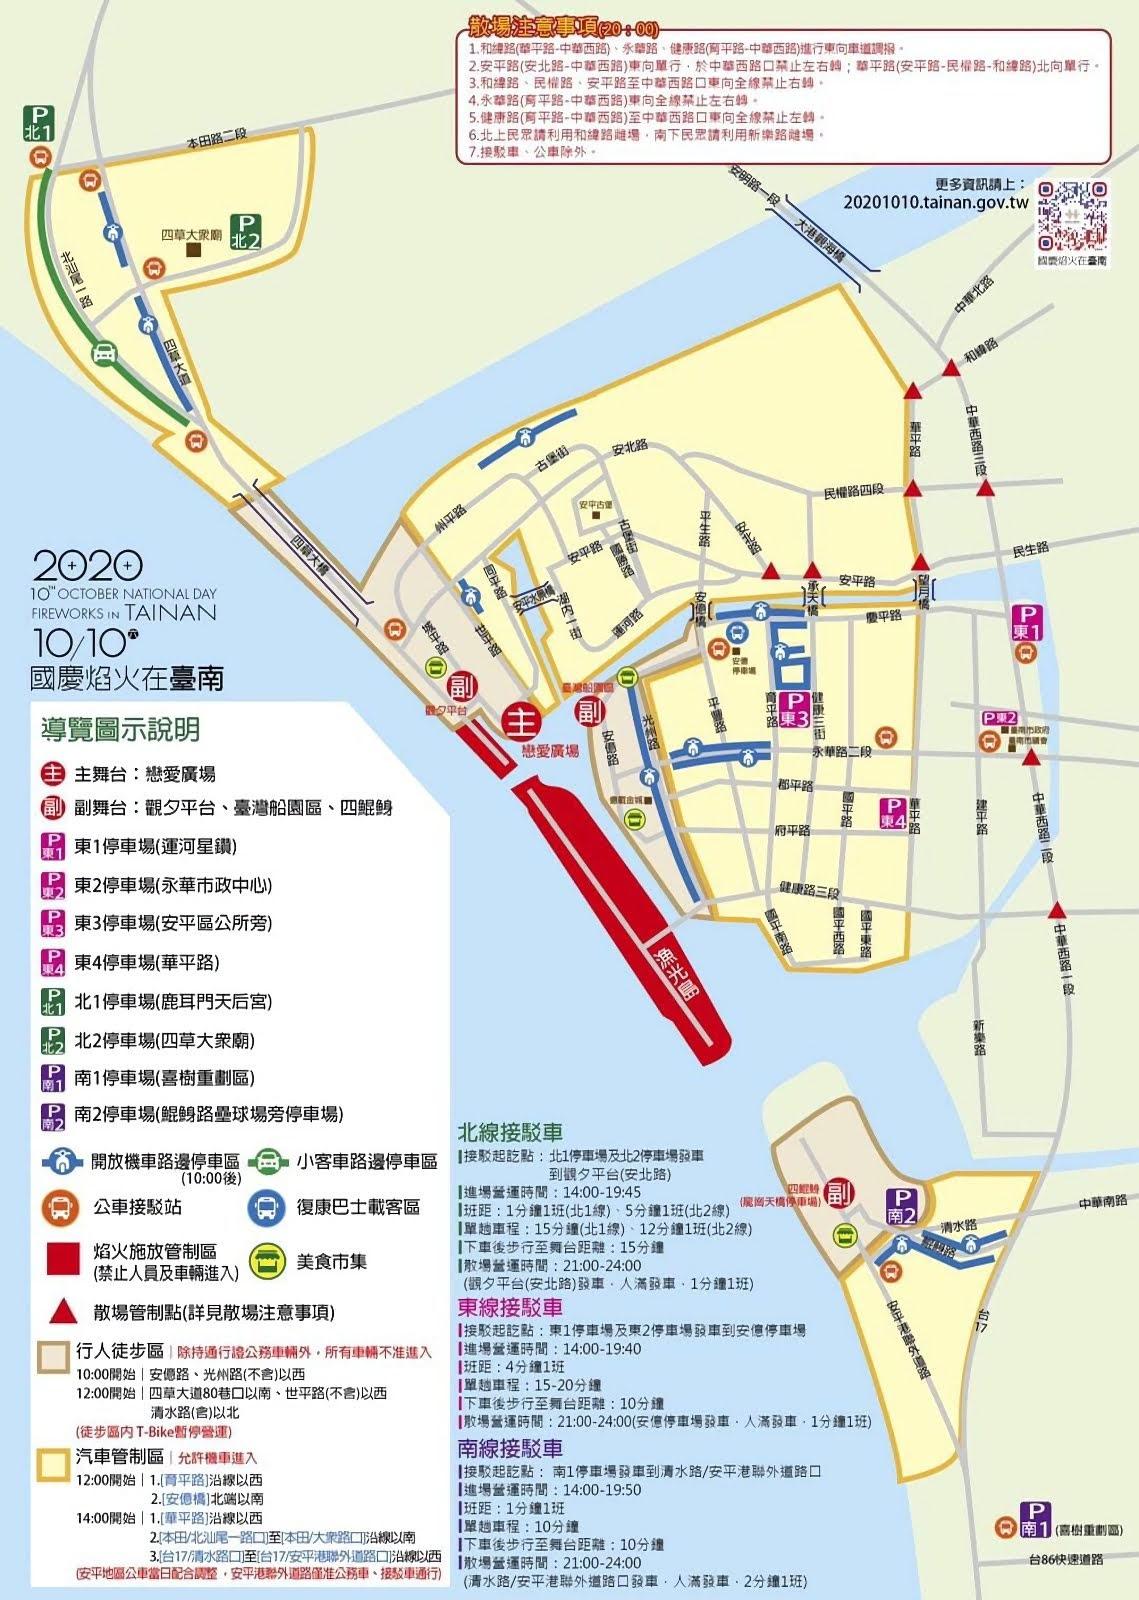 2020國慶煙火|交通動線、舞台位置地圖